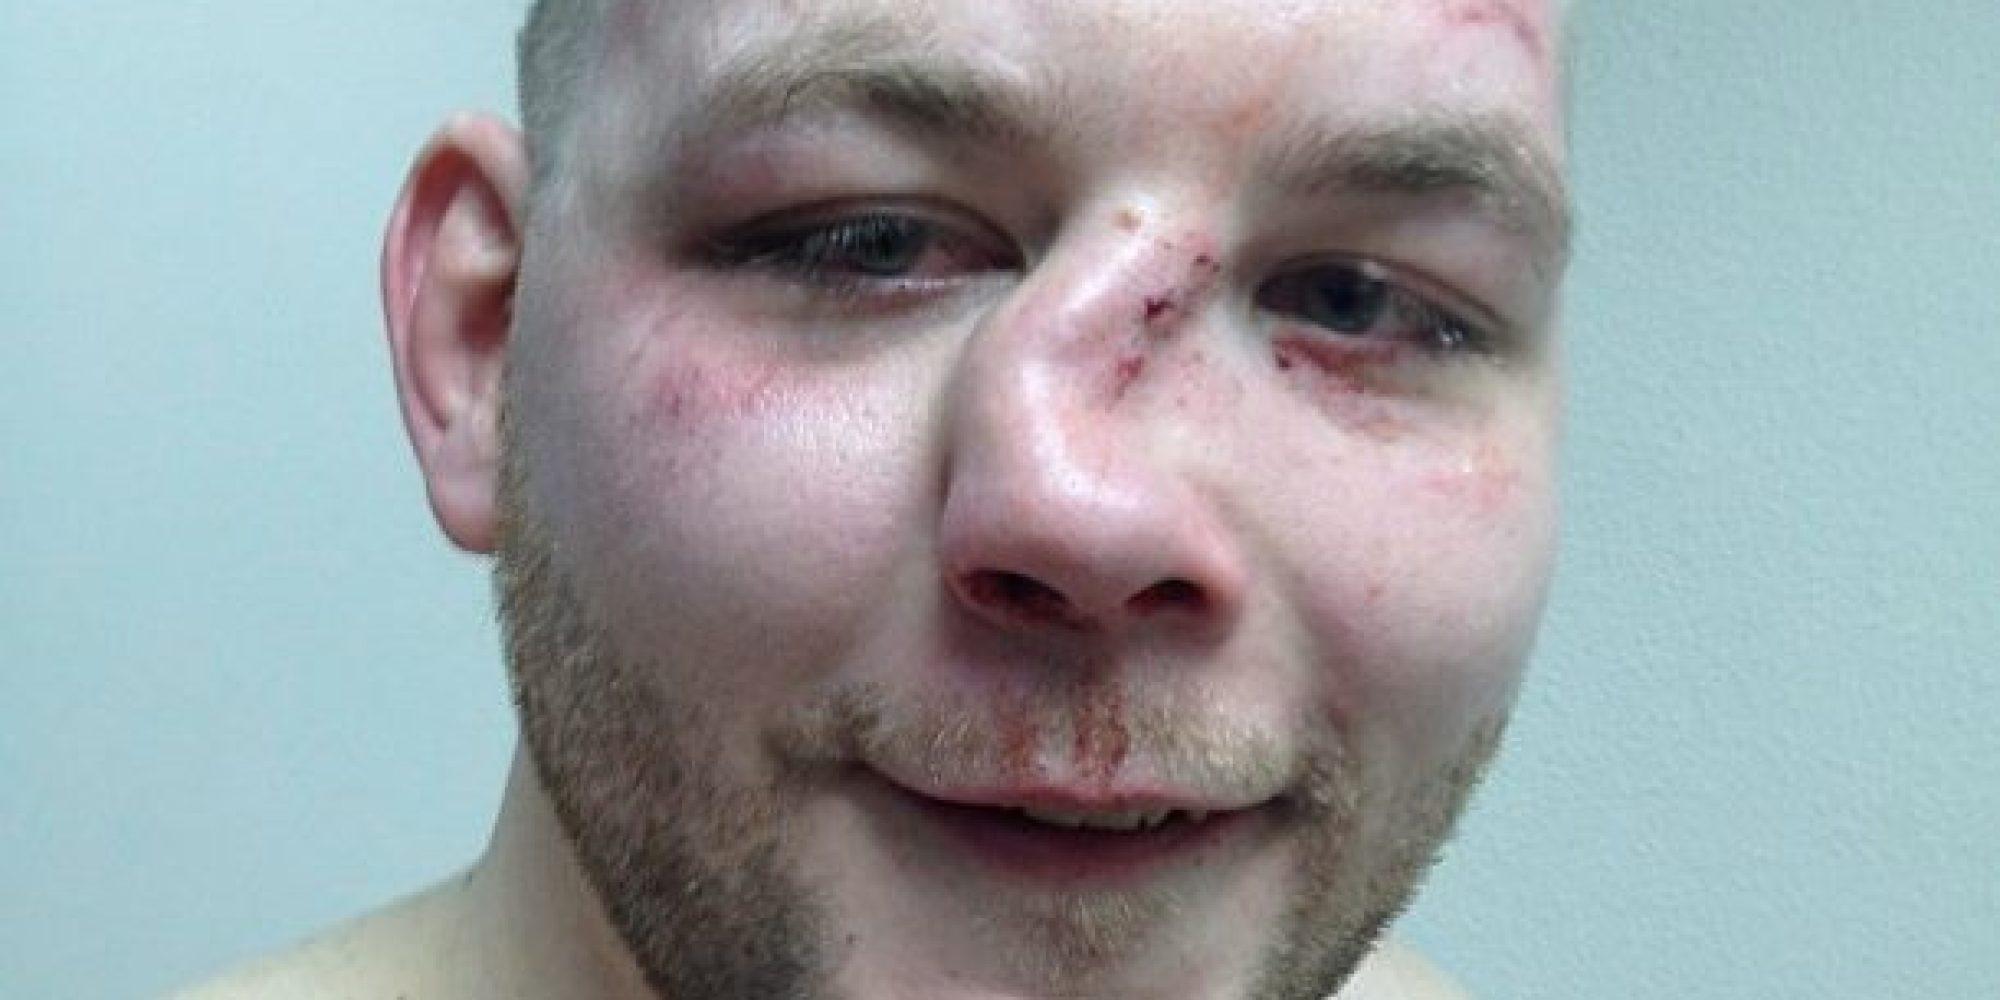 Насколько Сломан нос тяжкийвред здоровью теряя